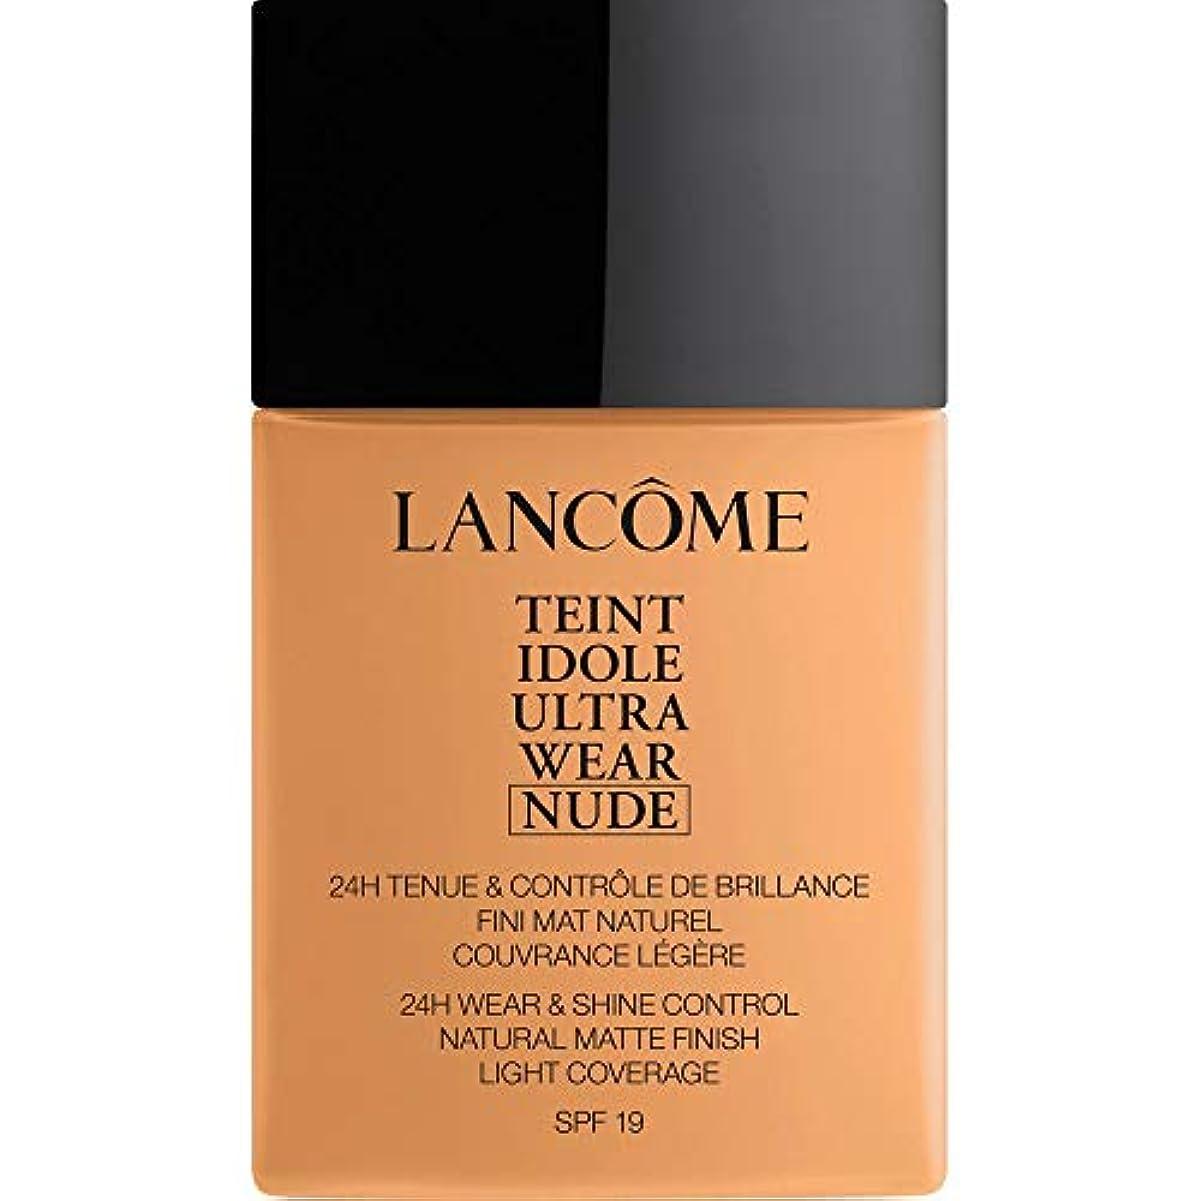 大きさチャンバーリングバック[Lanc?me ] ランコムTeintのIdole超摩耗ヌード財団Spf19の40ミリリットル051 - Chataigne - Lancome Teint Idole Ultra Wear Nude Foundation...